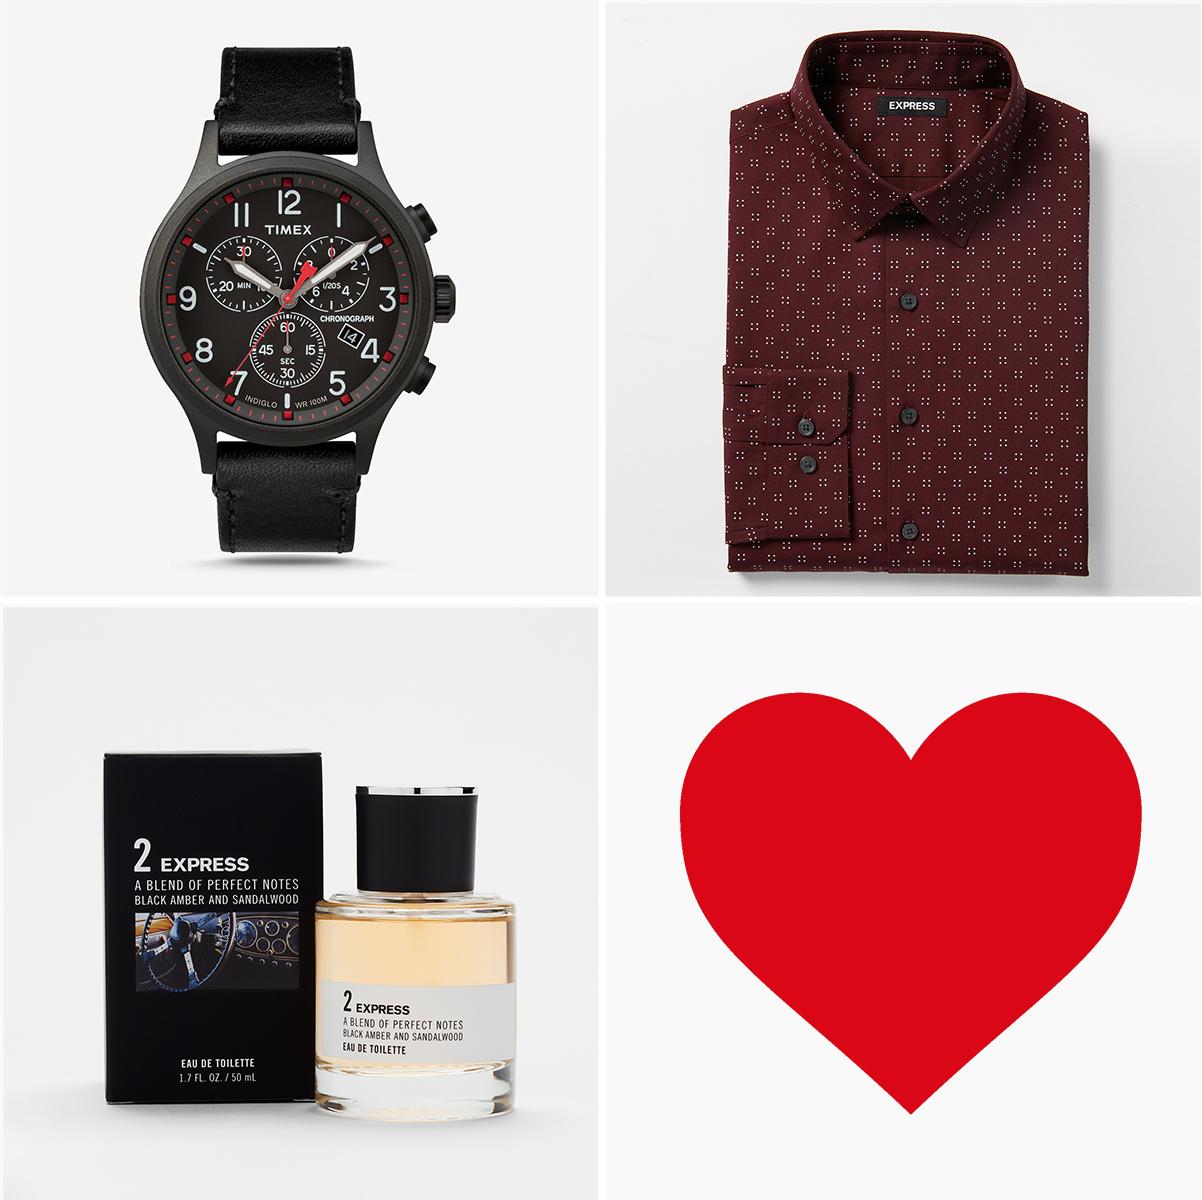 timex-watch-mens-dress-shirt-express-cologne